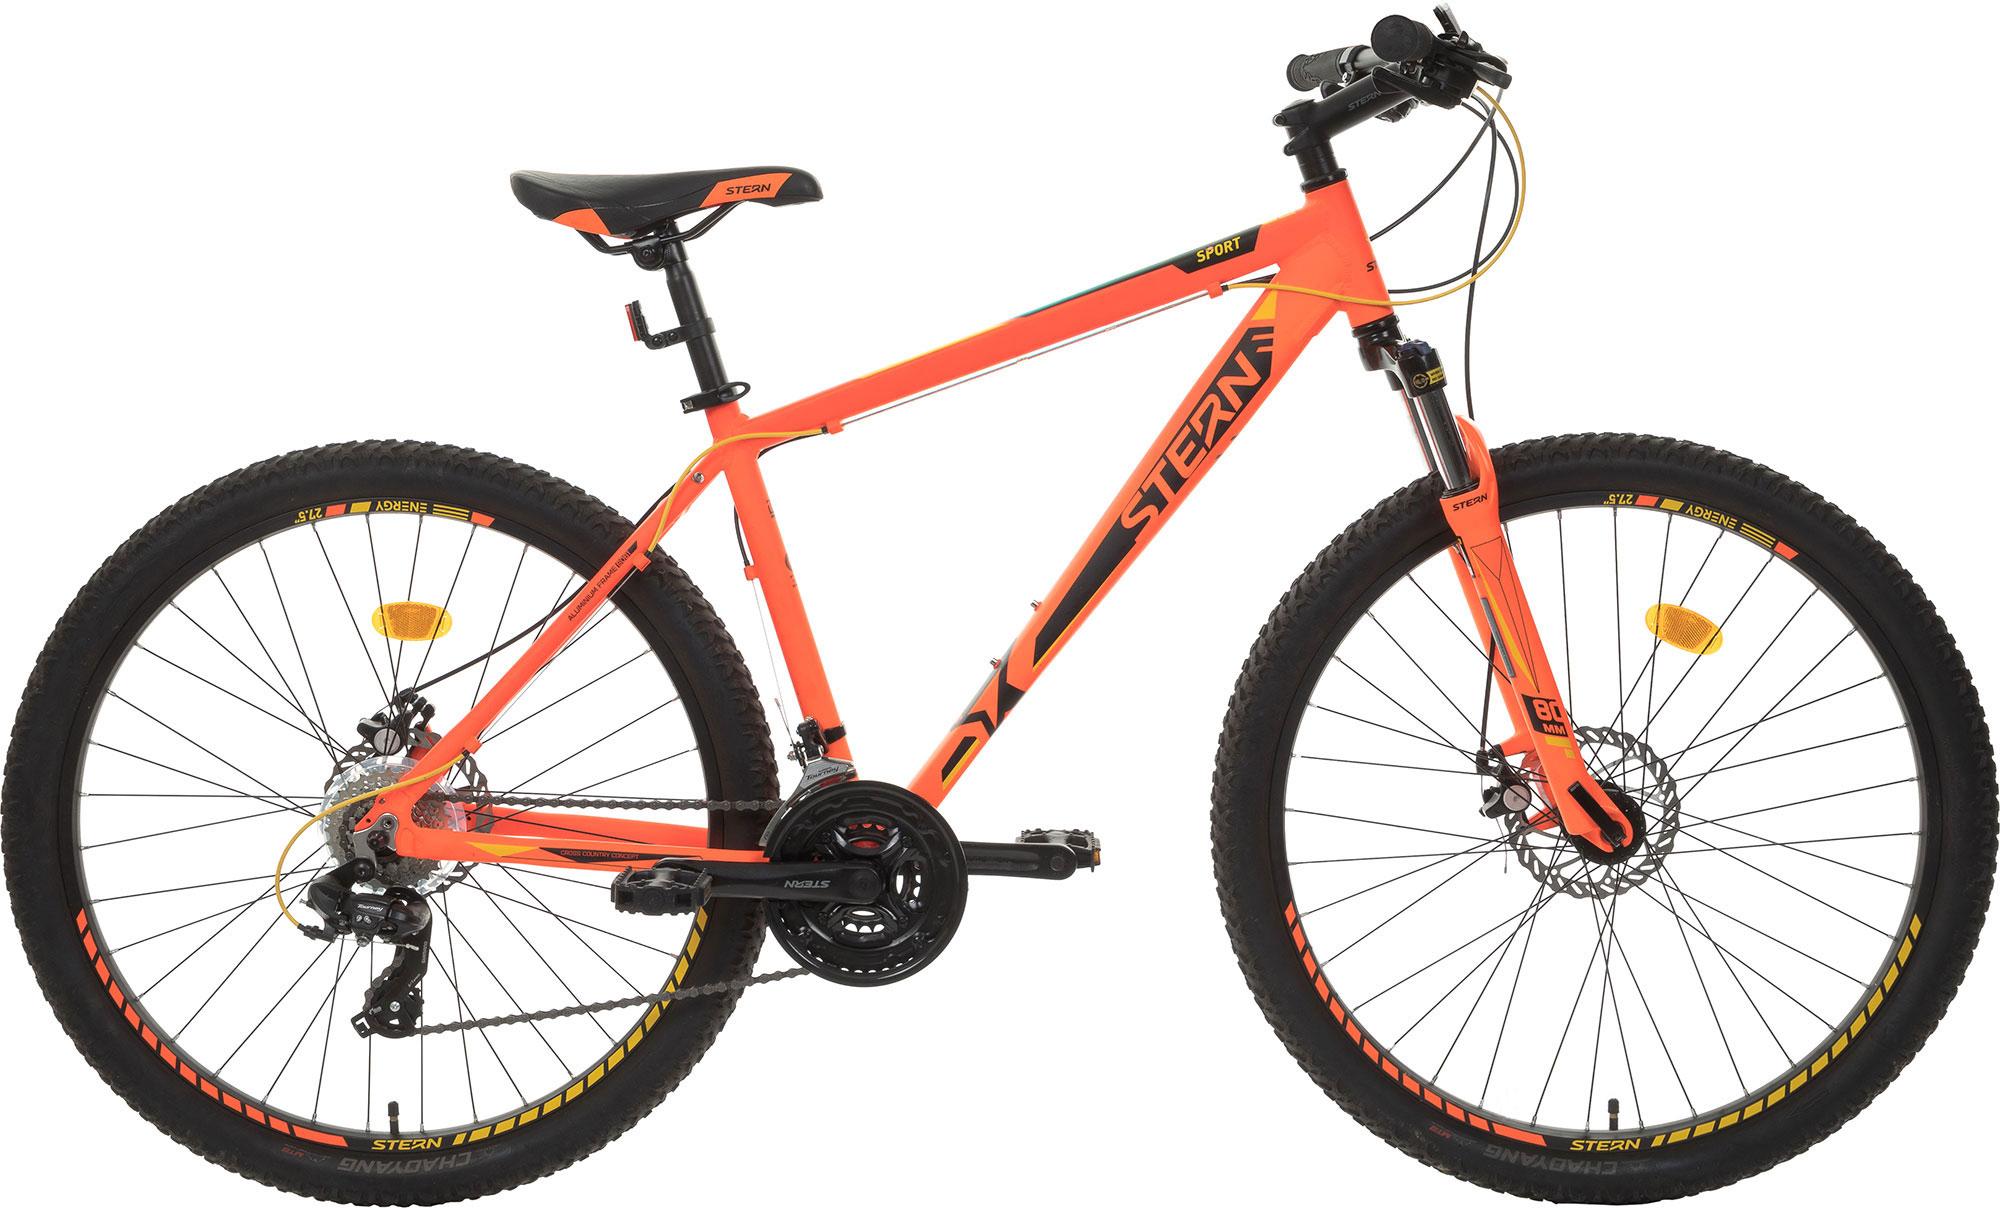 Stern Велосипед горный Stern Energy 2.0 27,5 Sport, размер 165-175